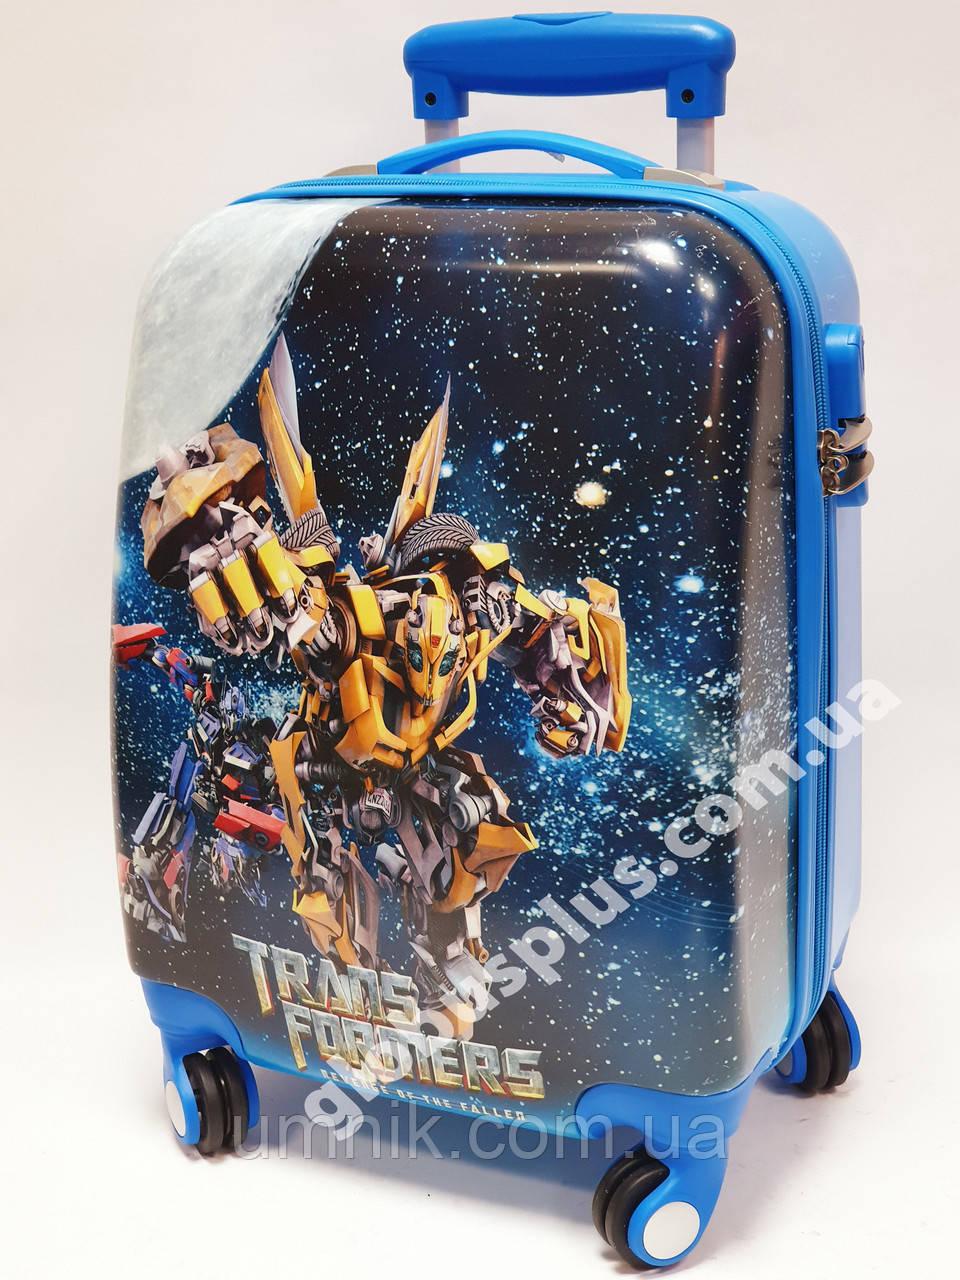 """Дитяча валіза дорожній на колесах 18"""" «Трансформери» Transformers-8, кодовий замок, 520440"""